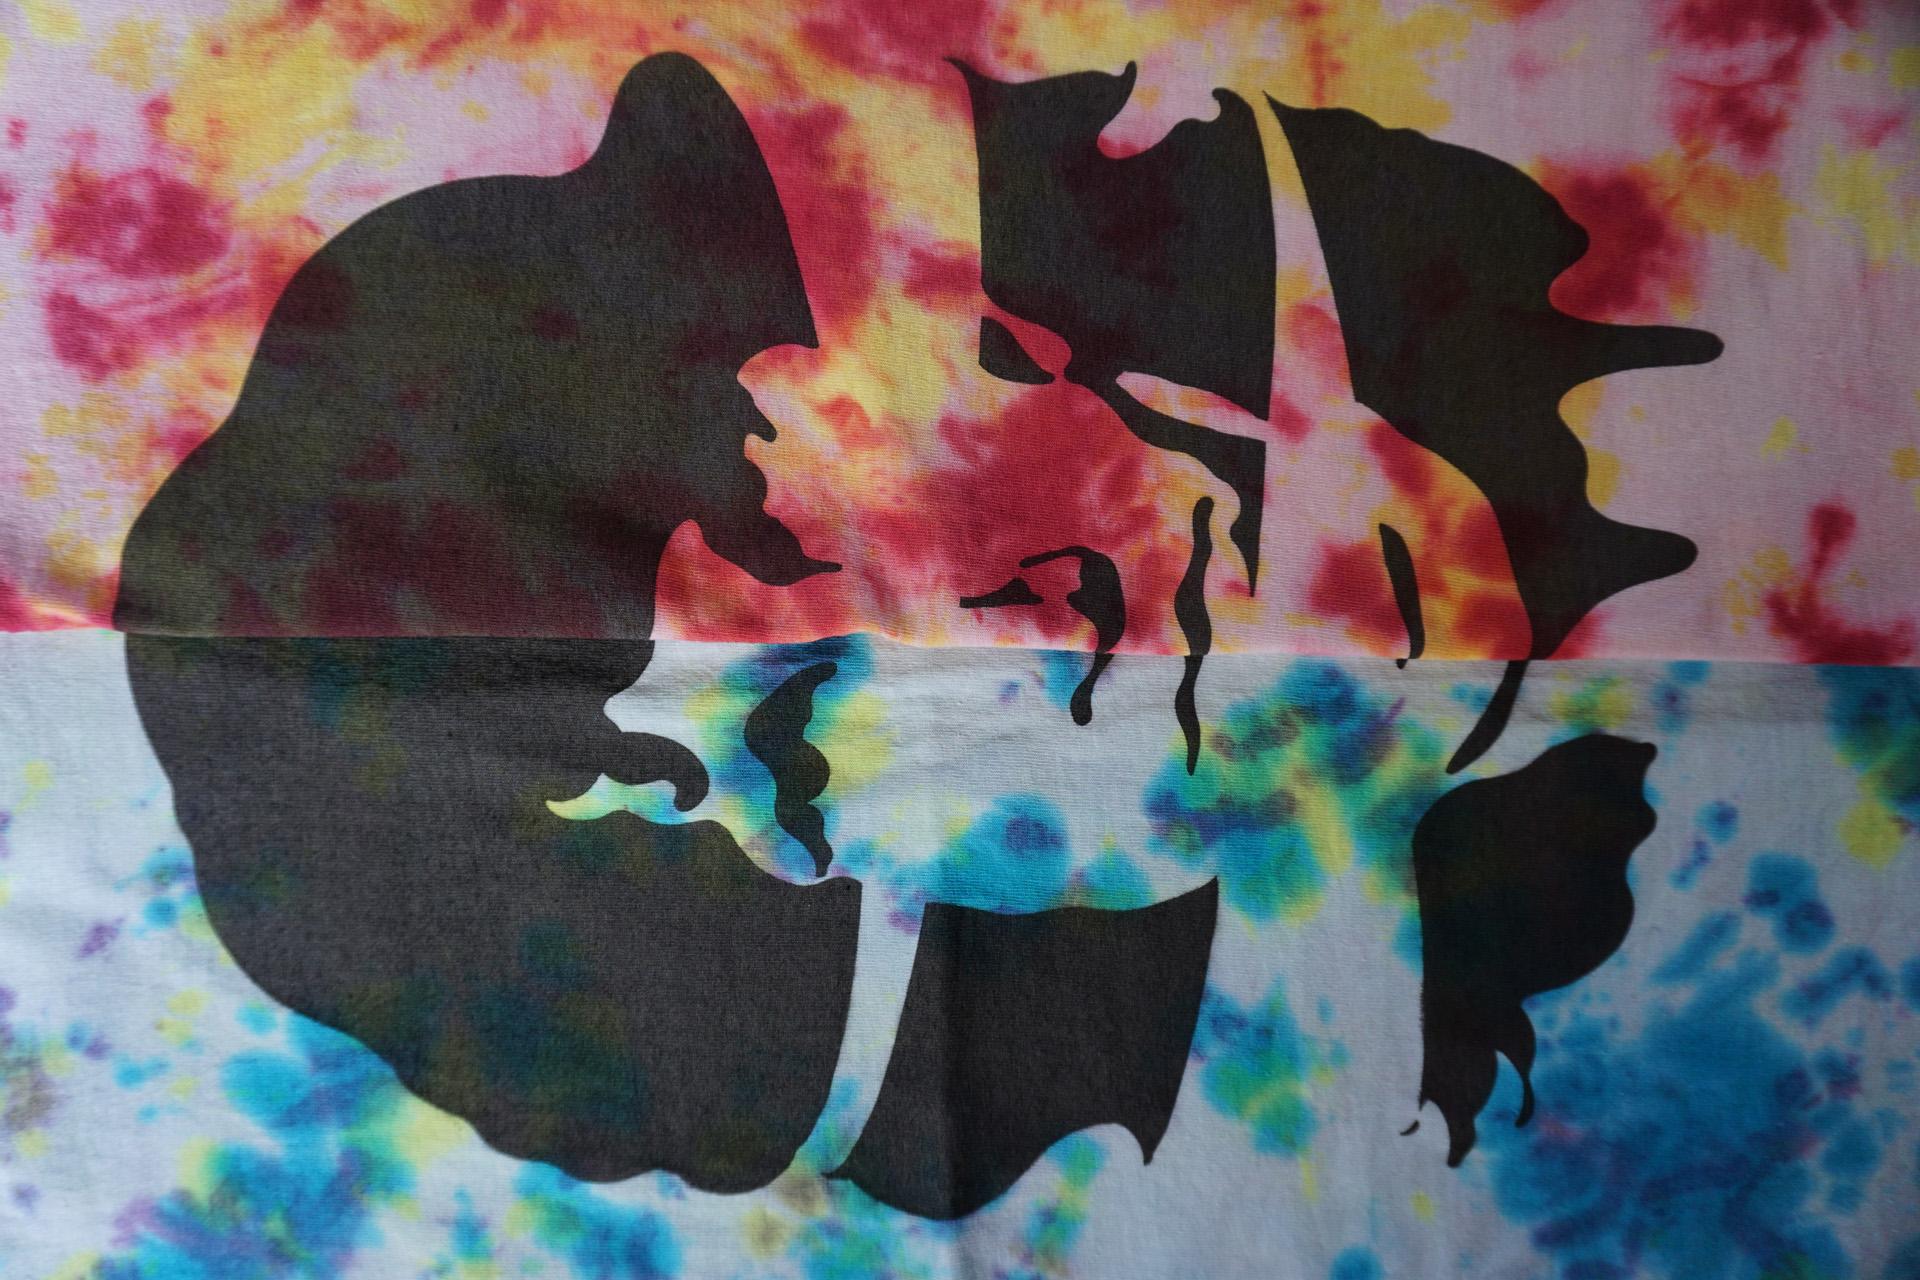 シェイクダウントレーディング ニュートラル ステンシルTシャツ shakedowntrading neutral stencil